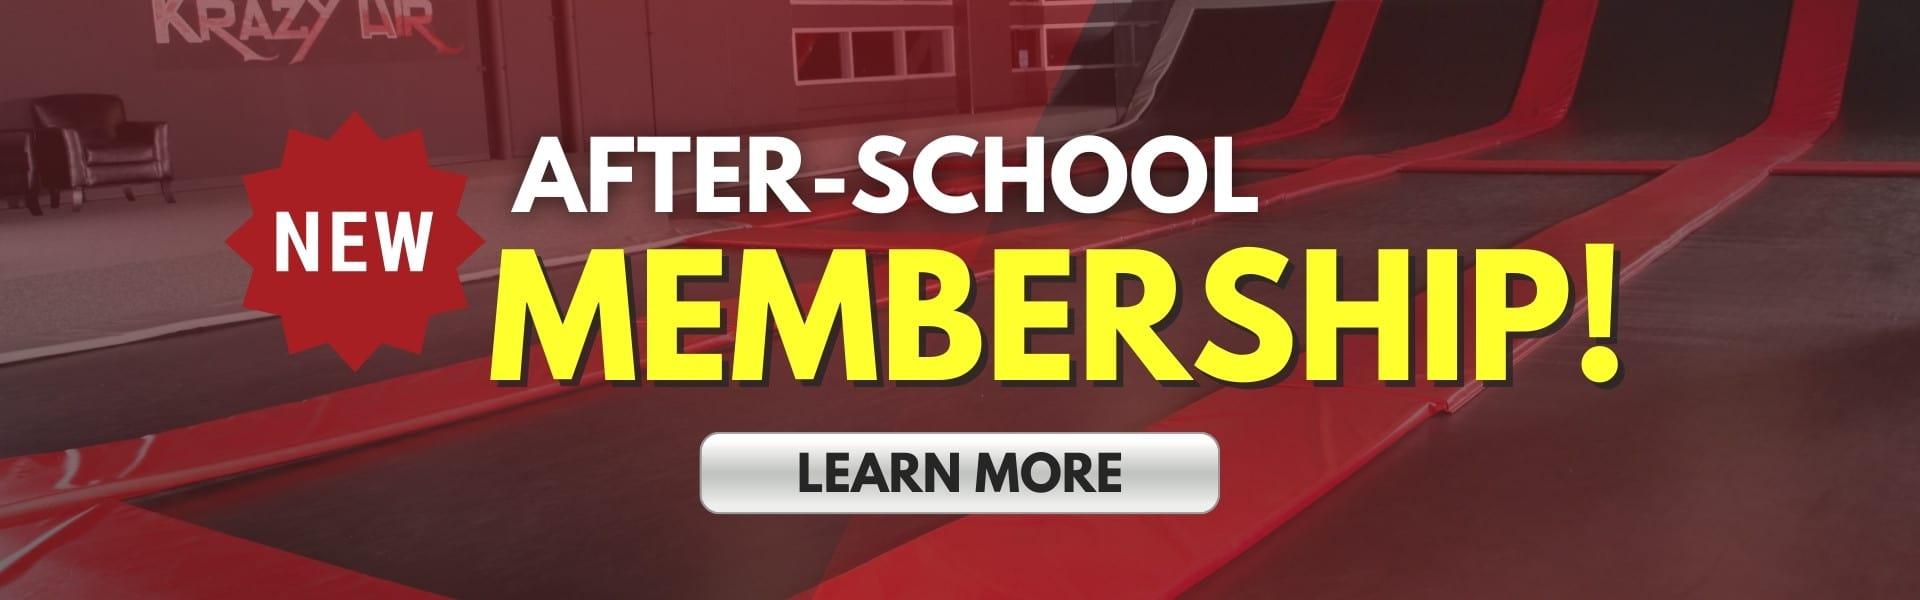 After-School Membership (2)